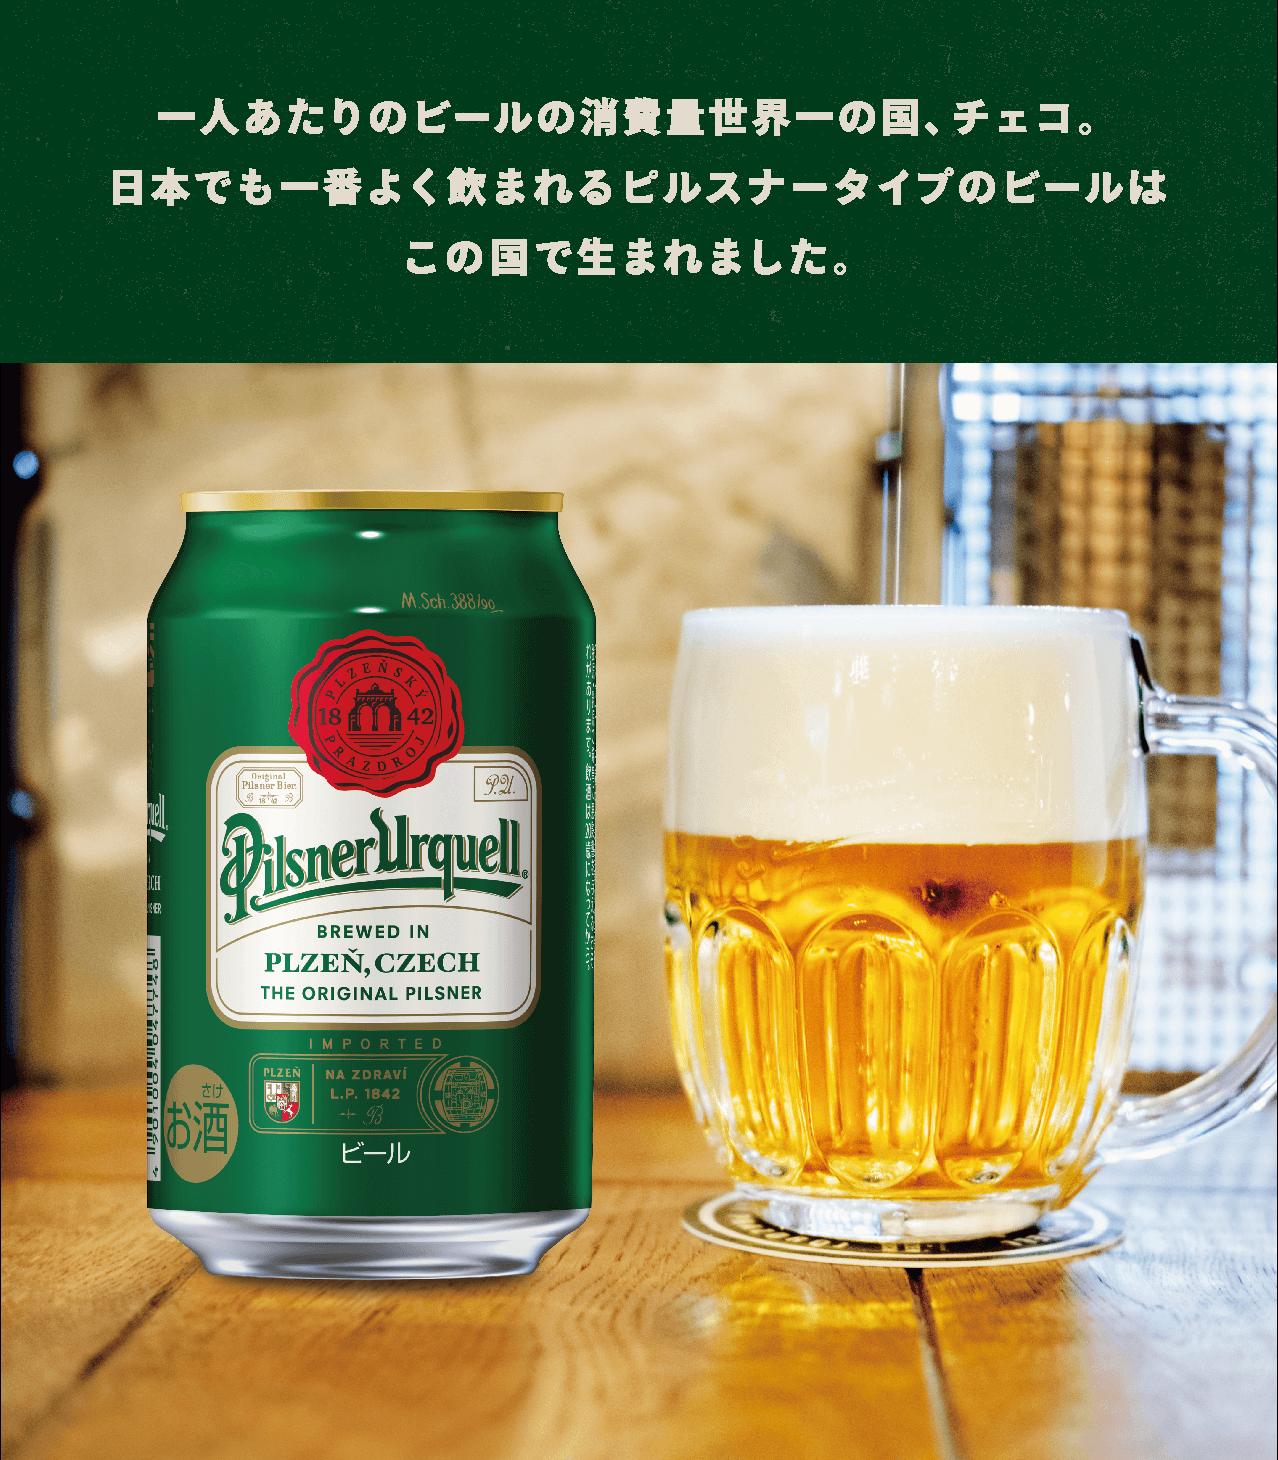 一人あたりのビールの消費量世界一の国、チェコ。日本でも一番よく飲まれるピルスナータイプのビールはこの国で生まれました。